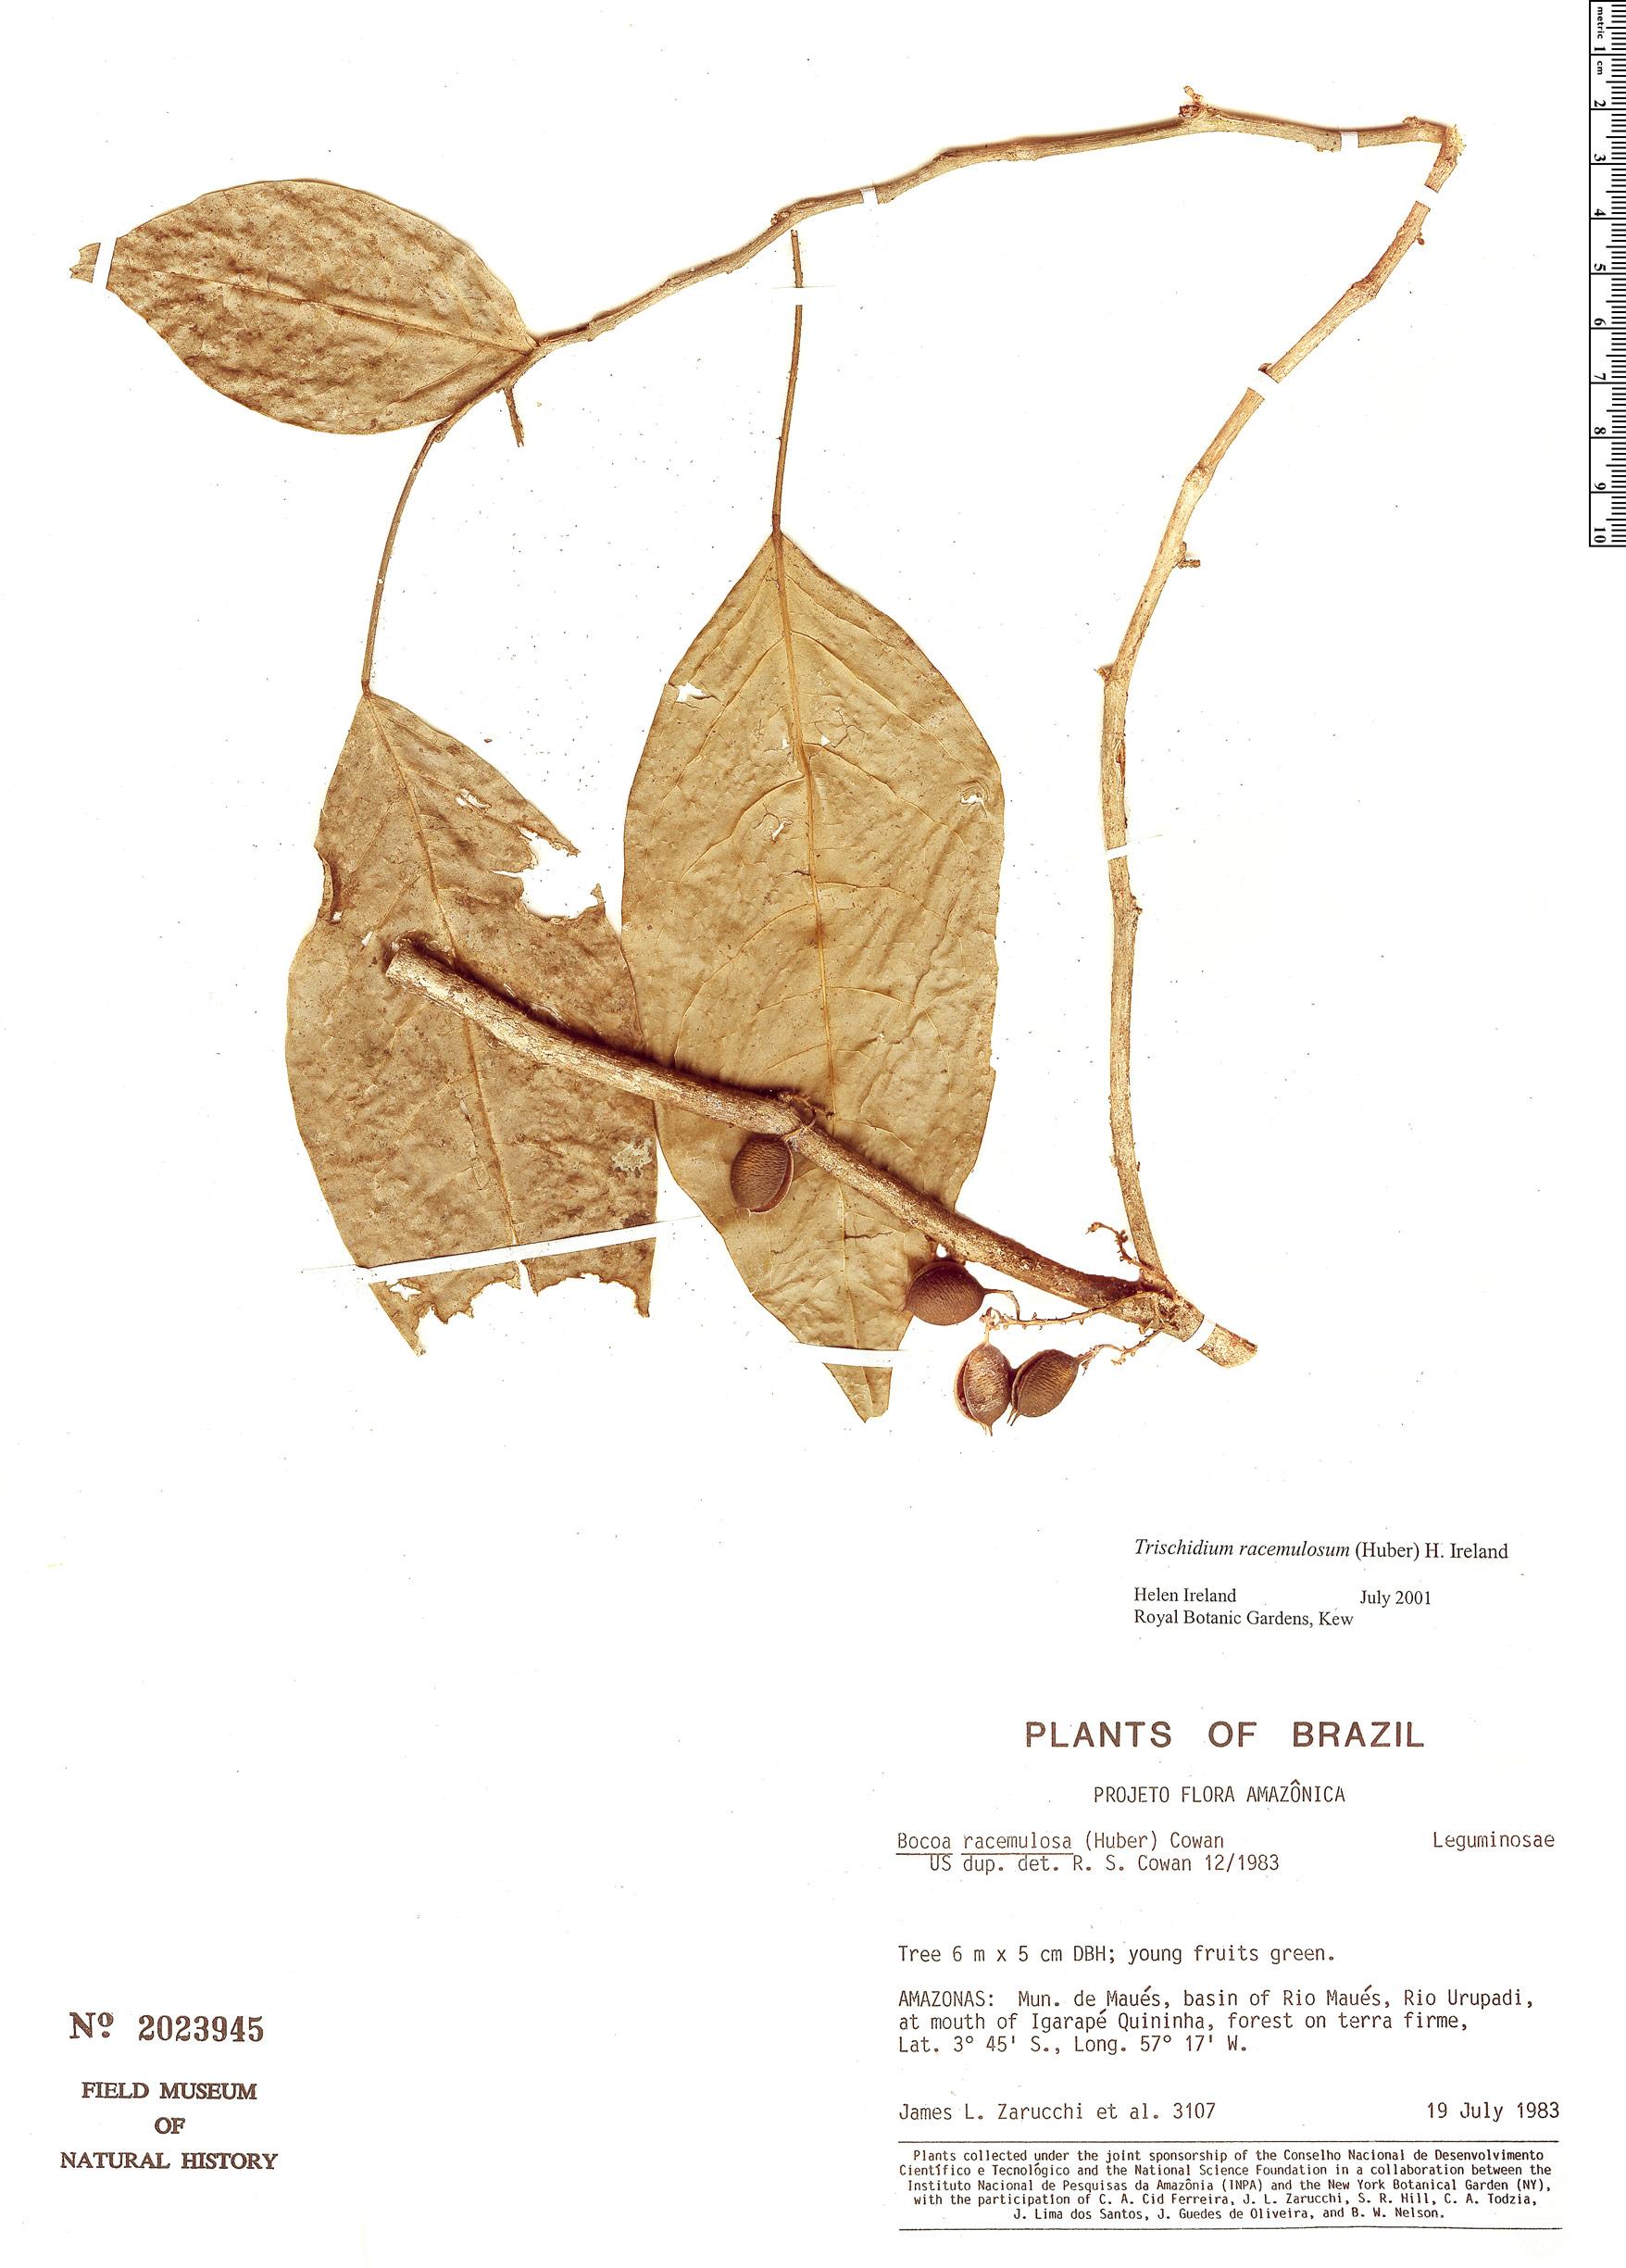 Specimen: Trischidium racemulosum